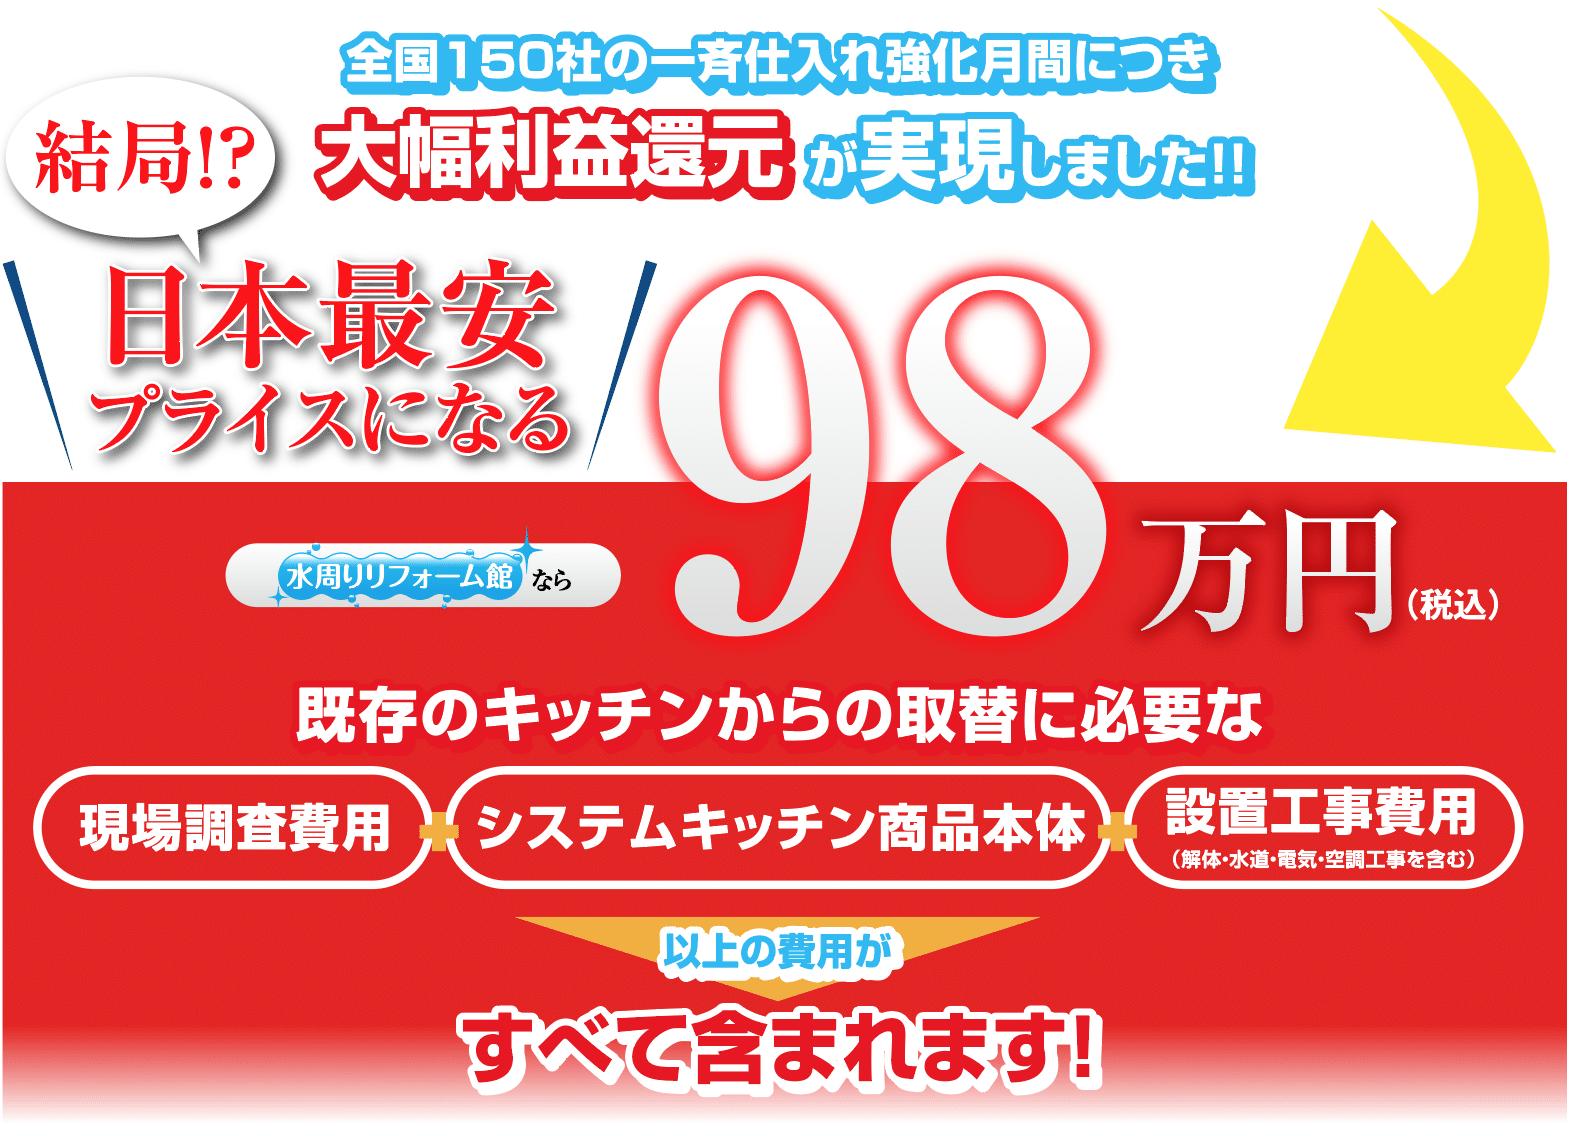 水周りリフォーム館期間限定価格で日本最安値